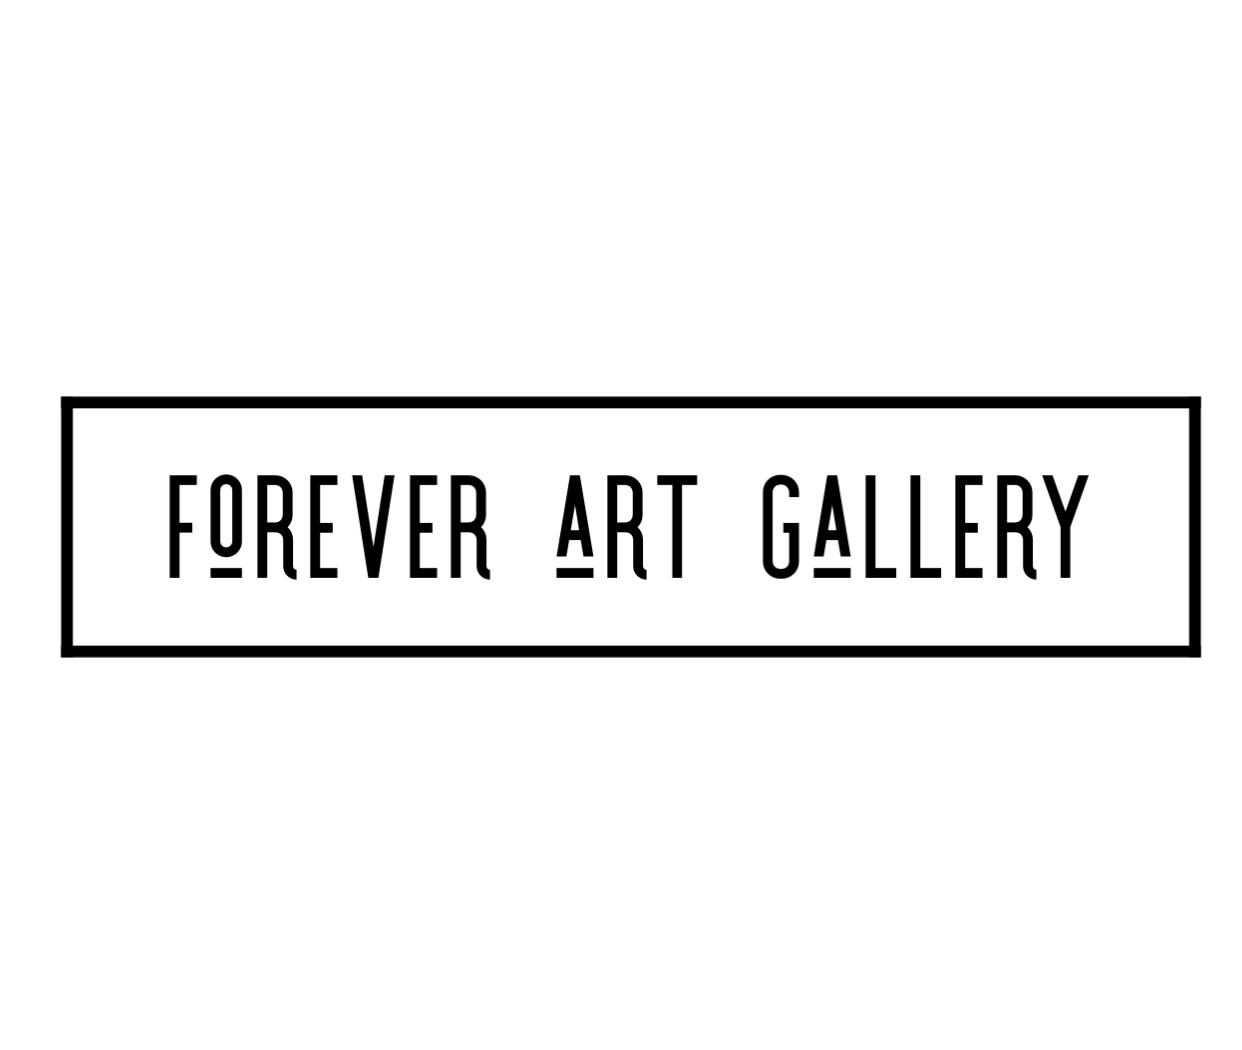 Forever Art Gallery